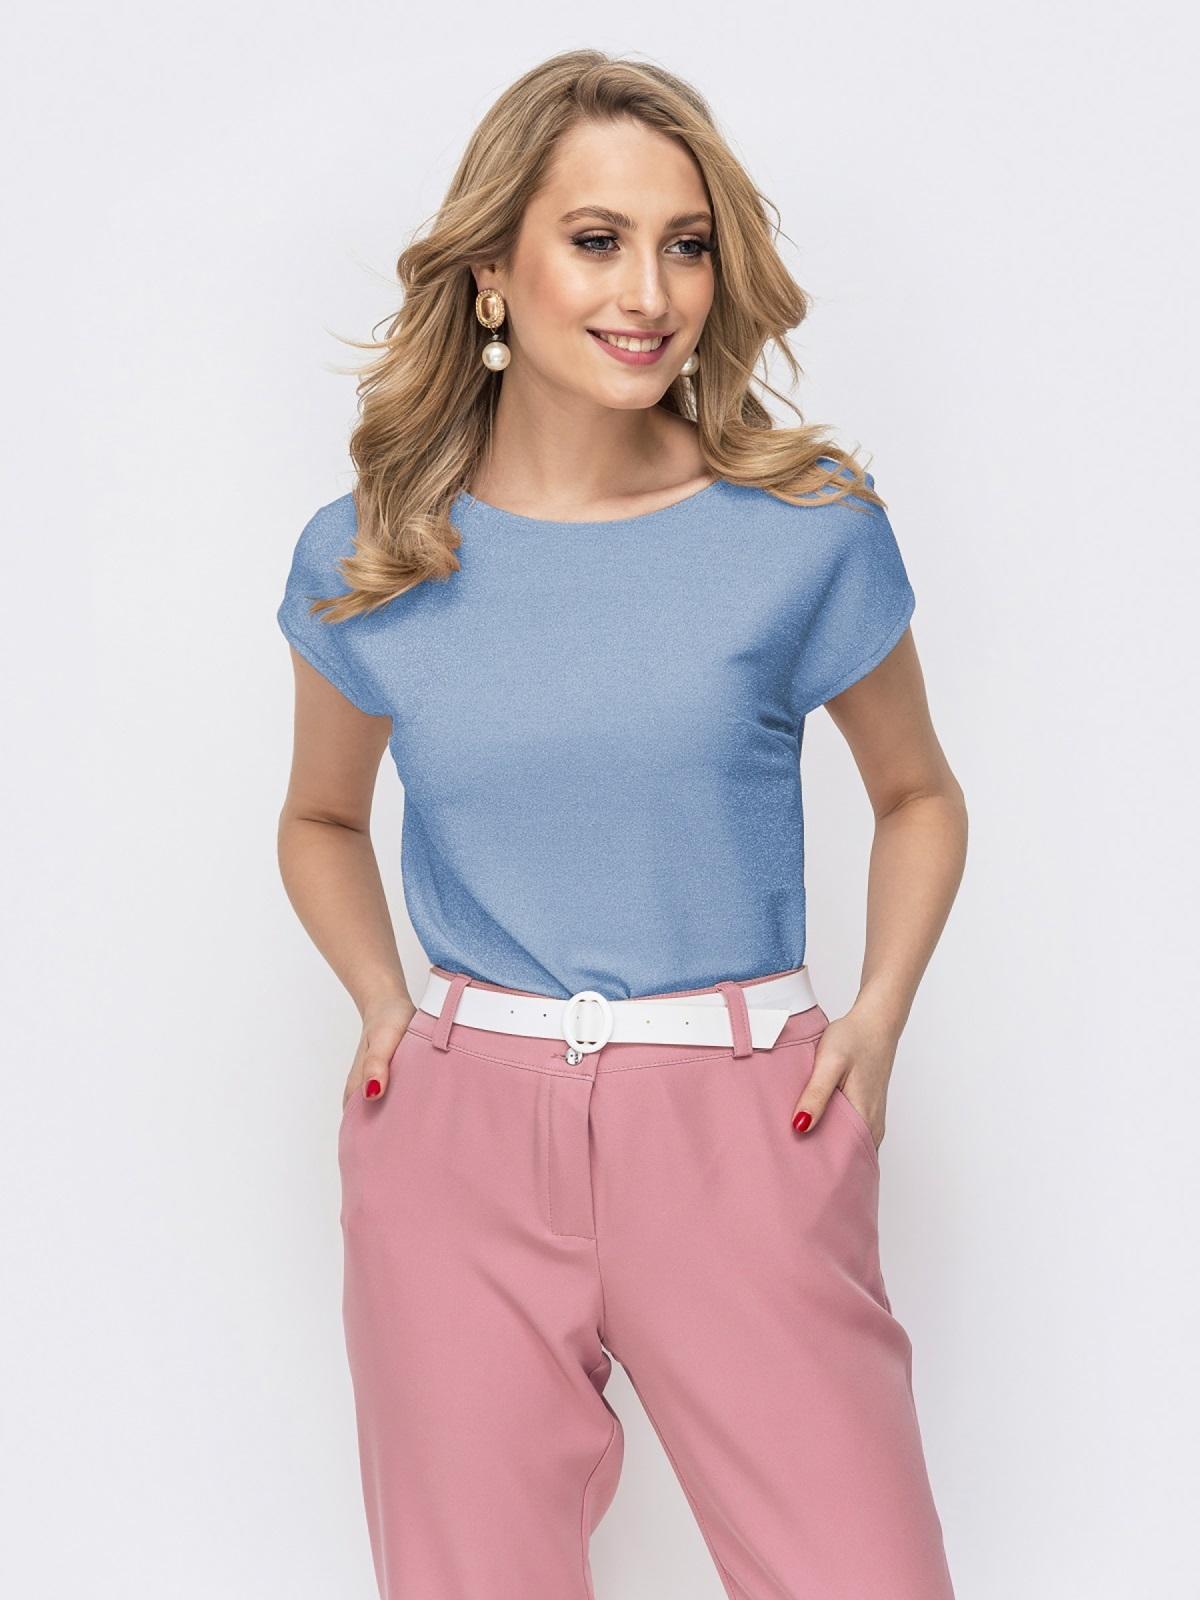 Блузка прямого кроя с люрексом голубая - 48191, фото 1 – интернет-магазин Dressa